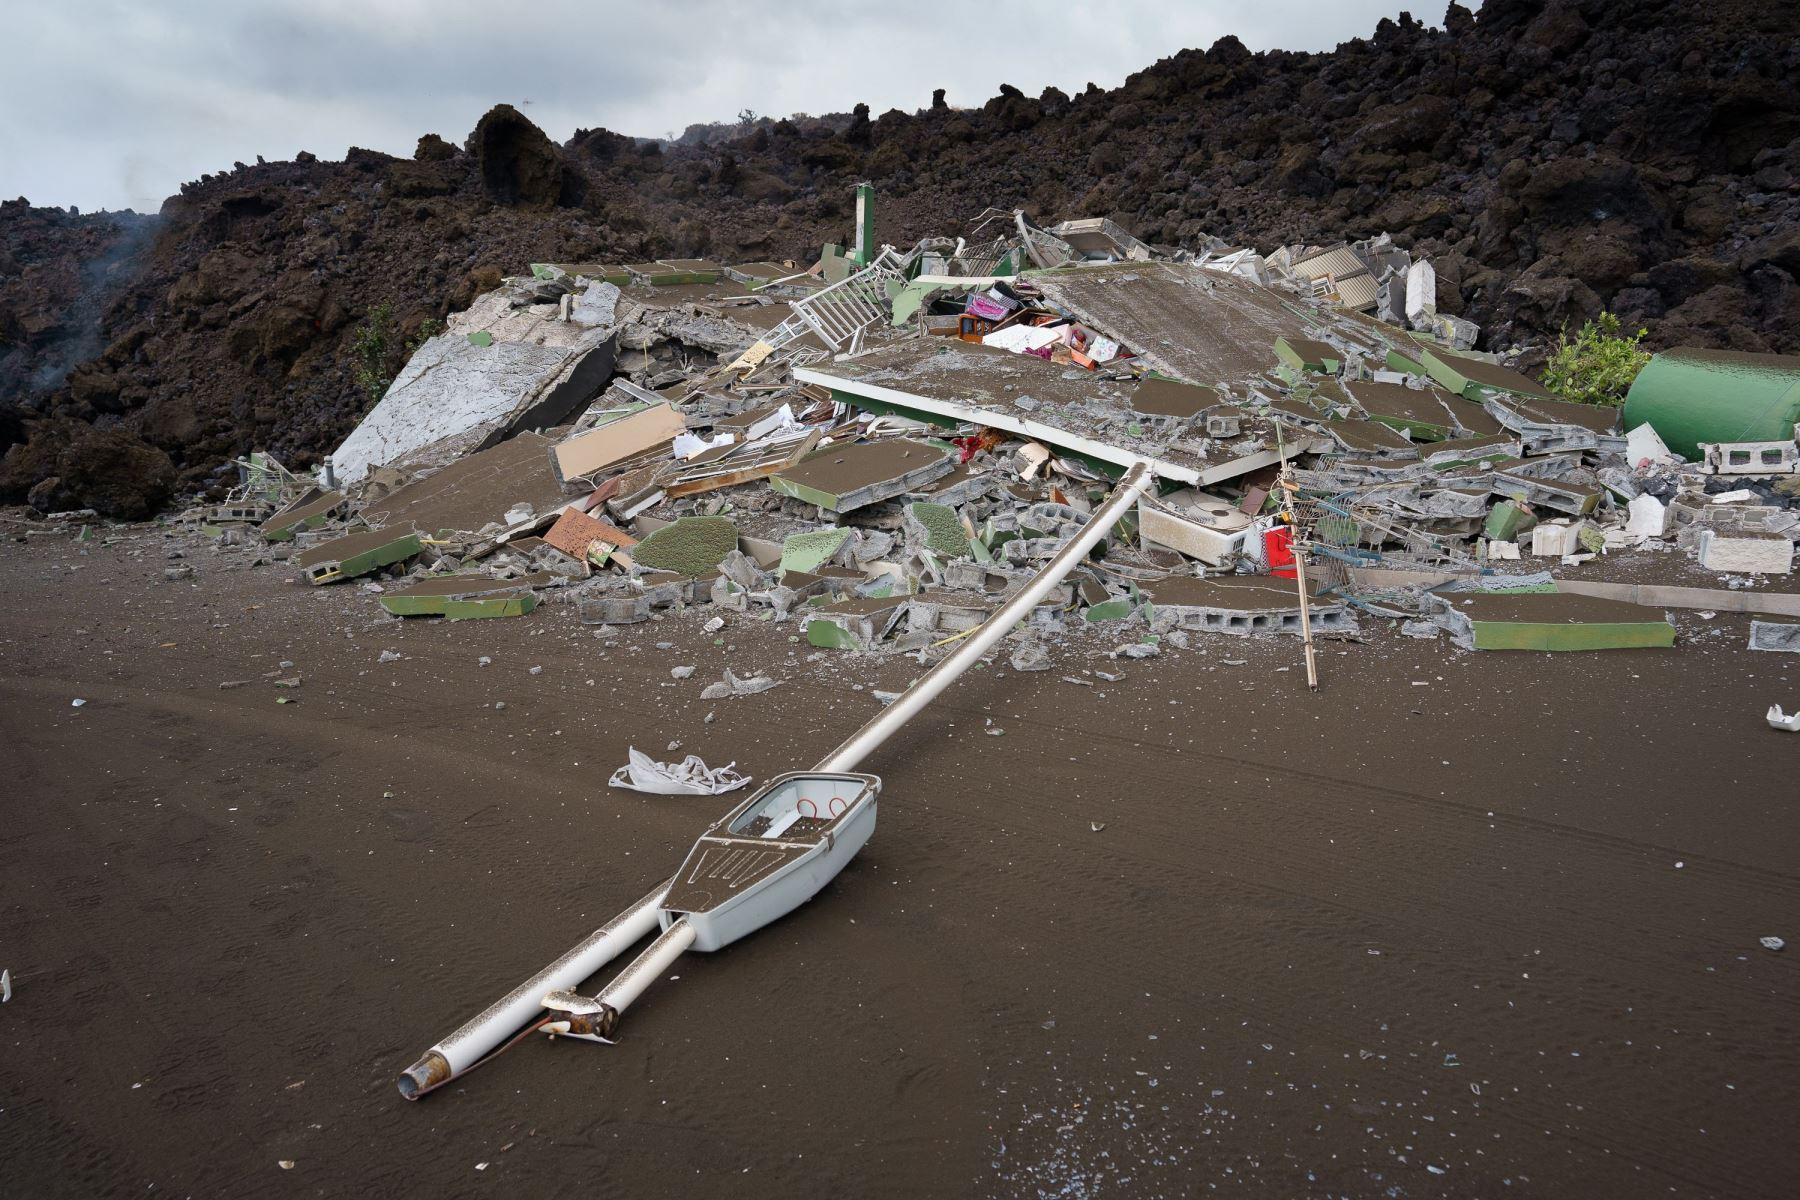 La lava generada por el volcán que entró en erupción el domingo en La Palma ha irrumpido en el pueblo de Todoque, en el municipio de Los Llanos de Aridane, derribando todo a su paso.  Foto: EFE